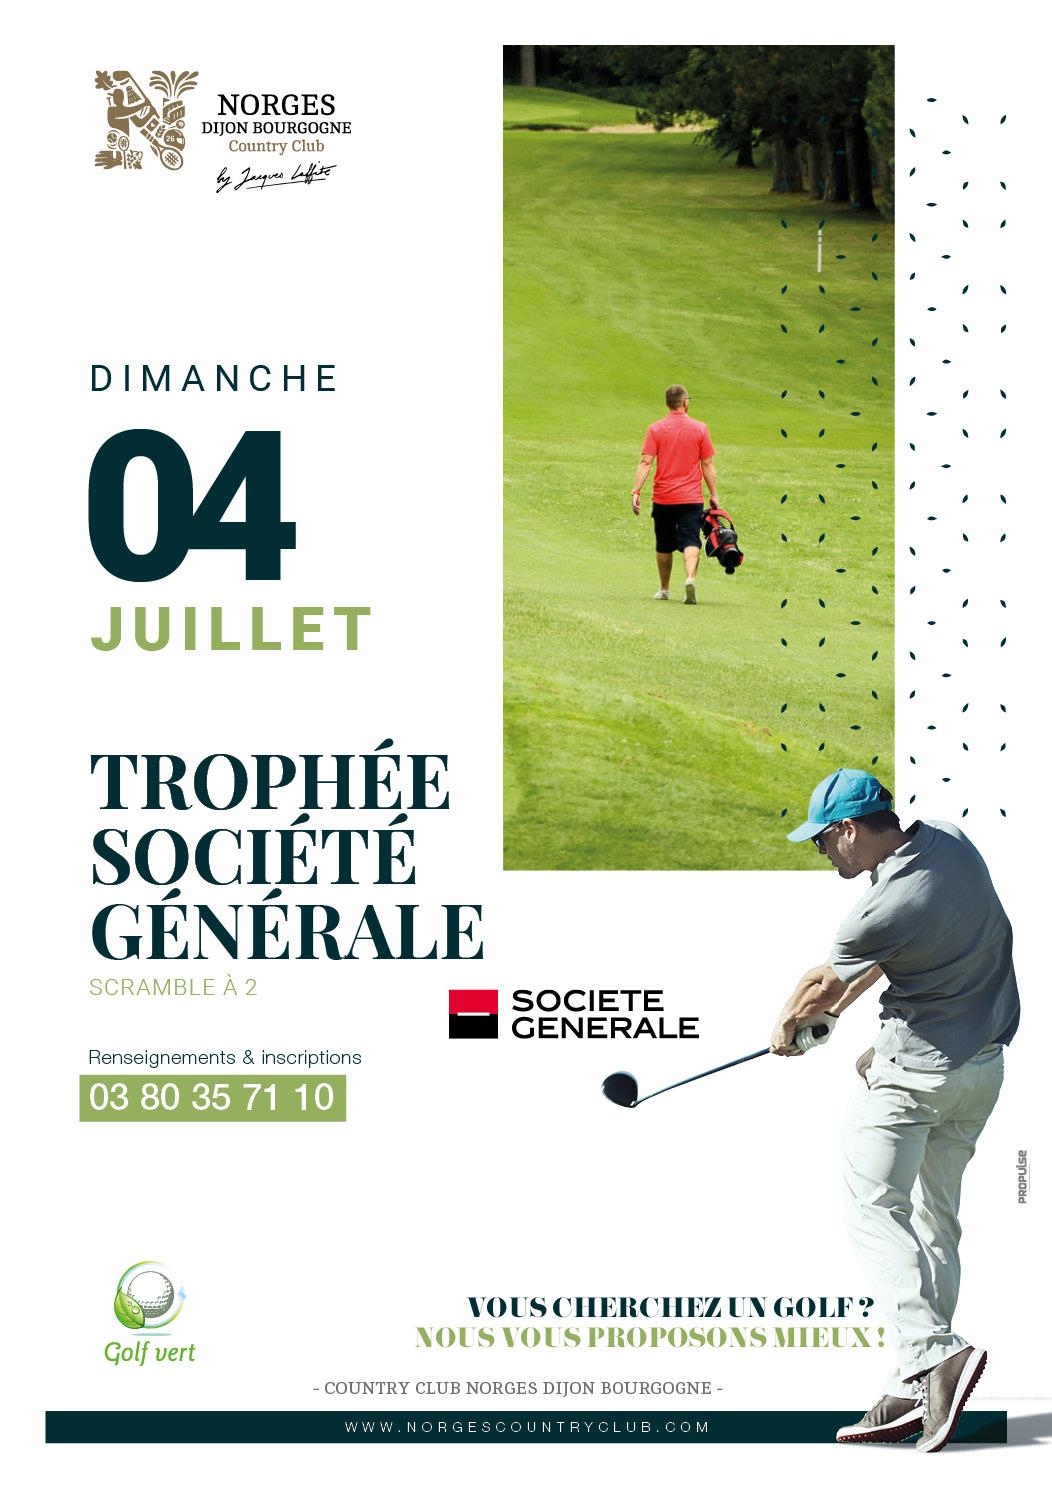 Trophée Société Générale